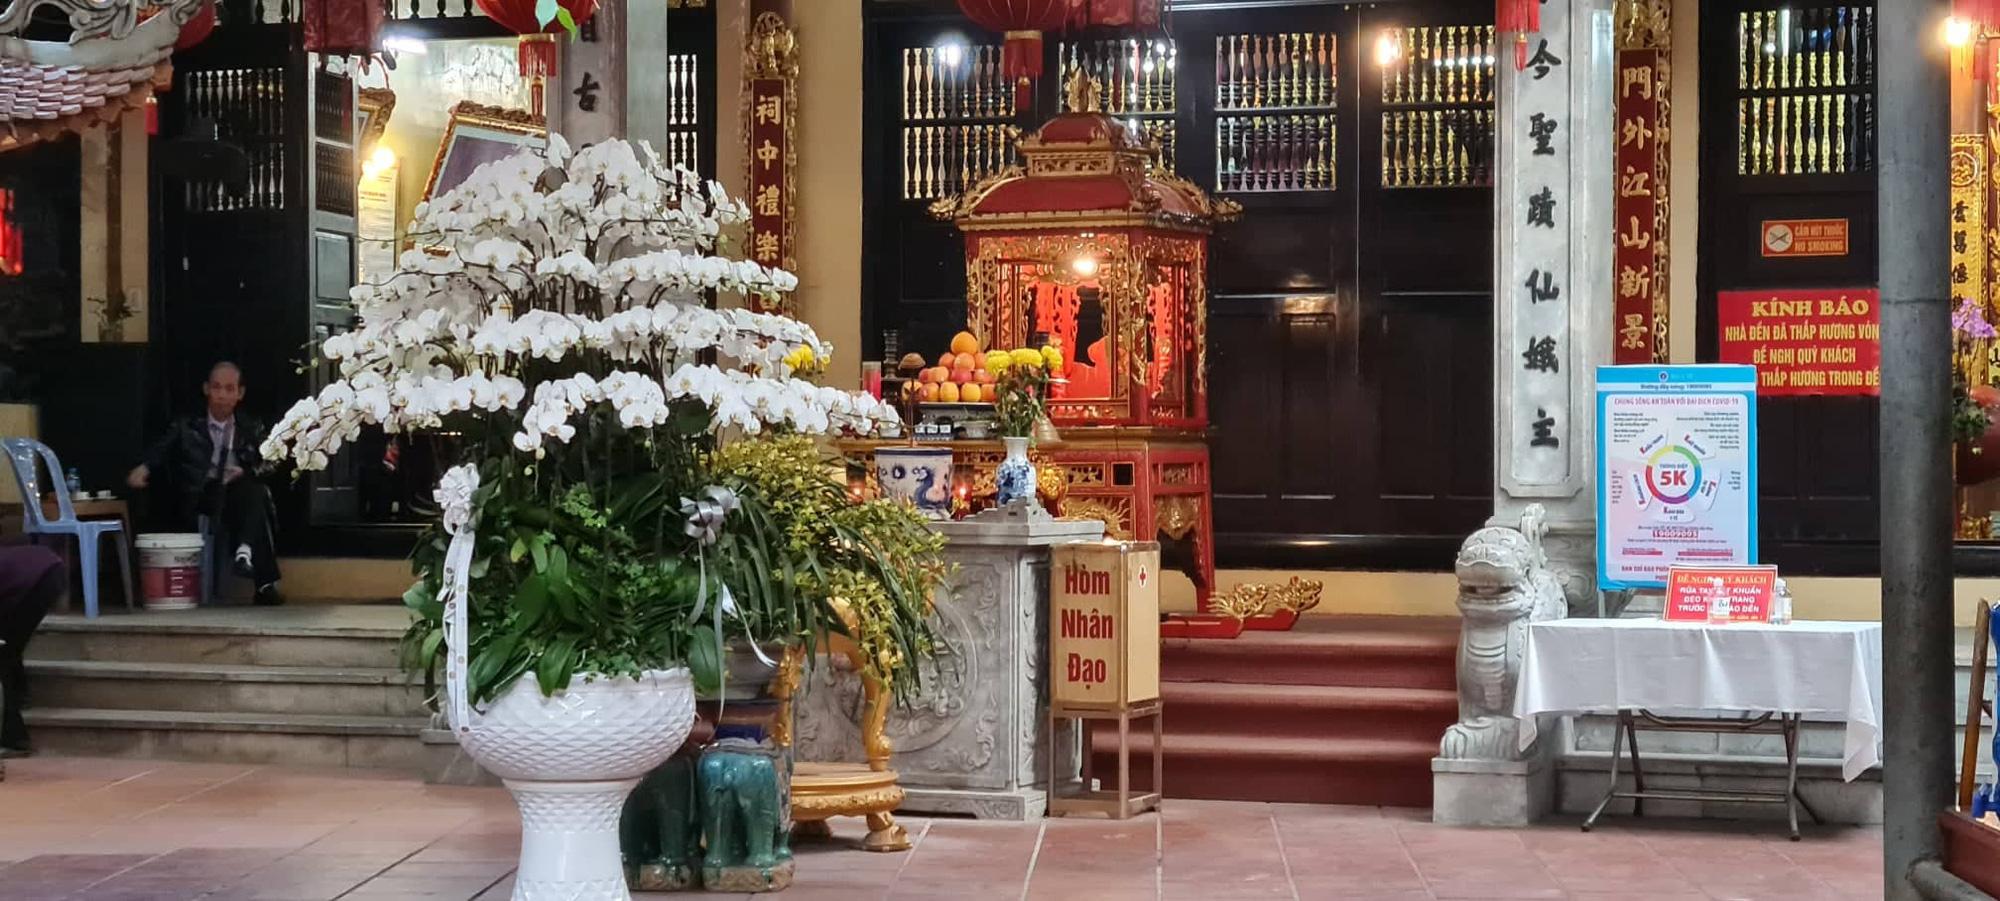 Hải Phòng: Tạm dừng hoạt động các cơ sở tôn giáo từ 20h ngày 15/2   - Ảnh 3.